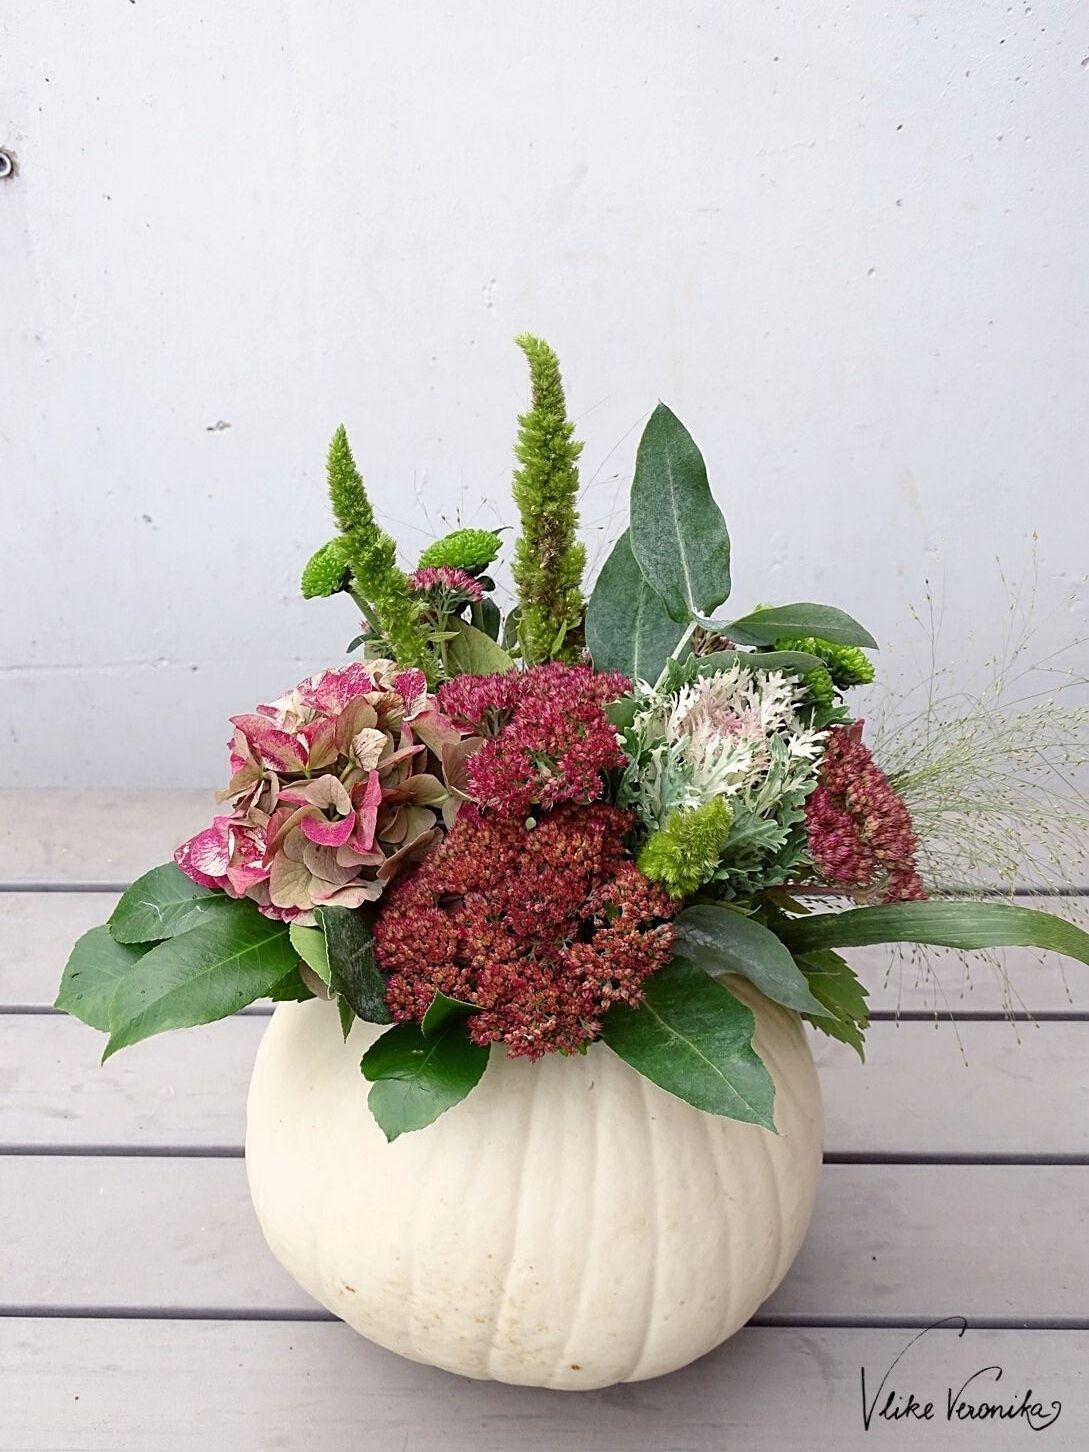 Zum Erntedank passt Deko mit Kürbis und Blumen hervorragend dazu